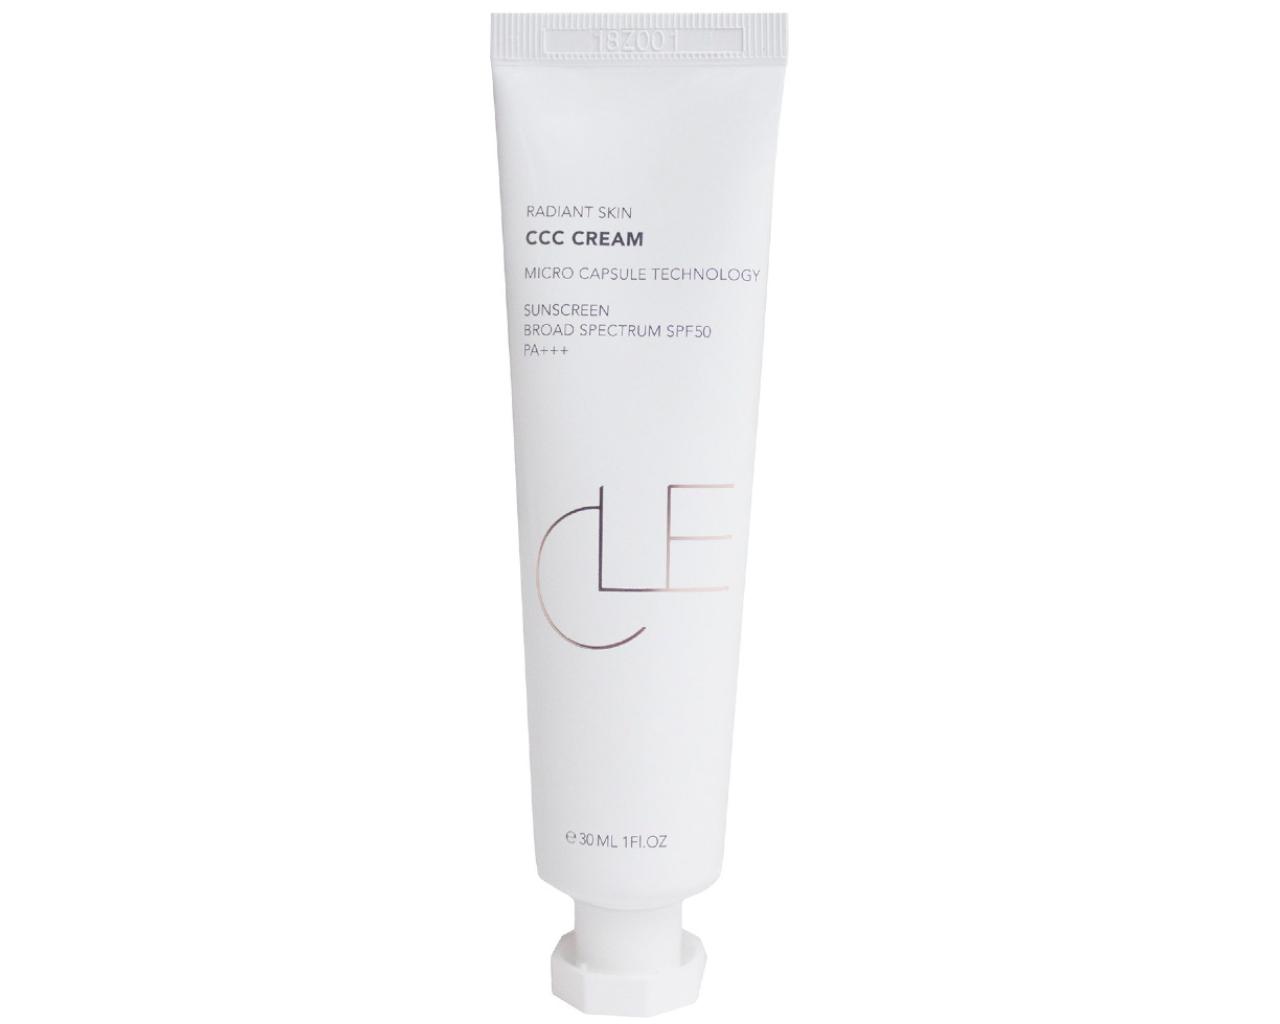 AAPI, Cle Cosmetics